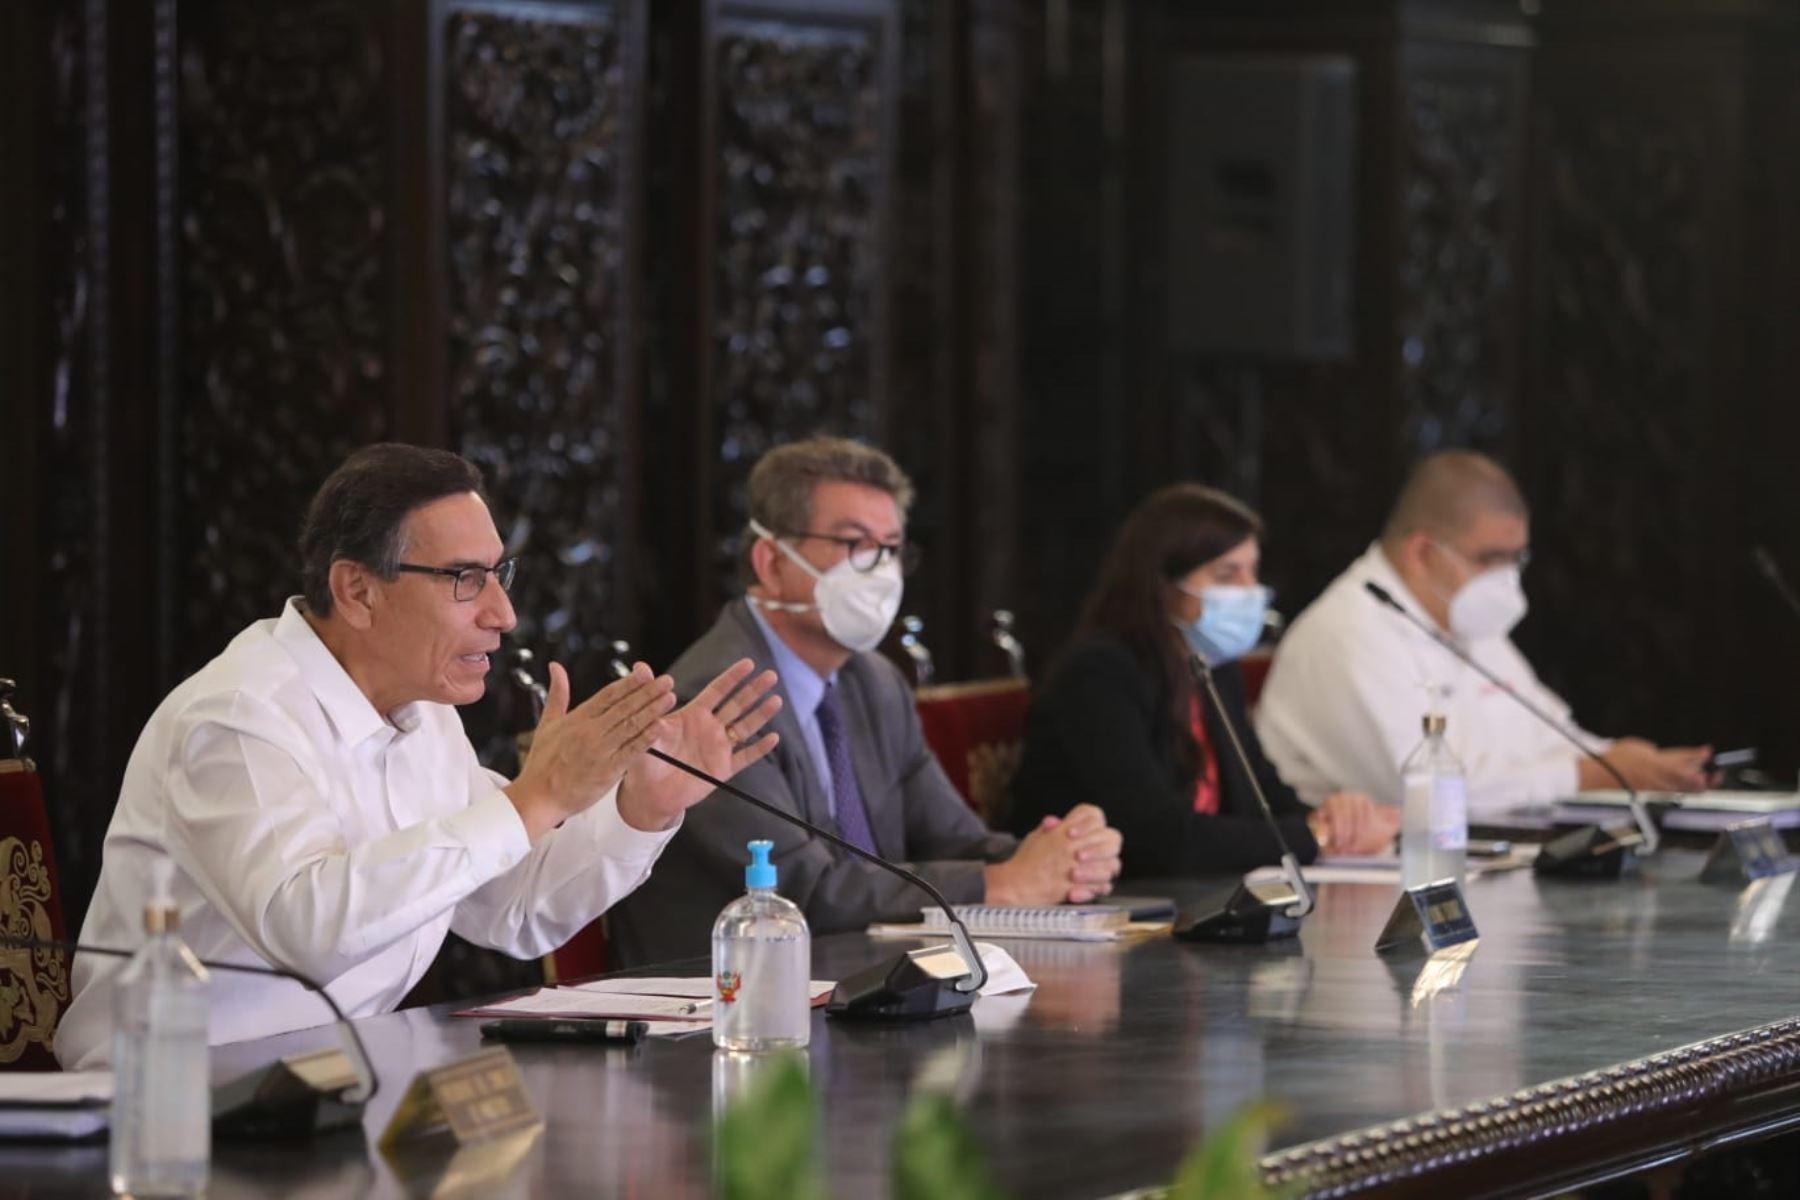 El presidente Martín Vizcarra informa sobre la situación del Estado de Emergencia en el Día 76 y las acciones que realiza el Gobierno para contener la propagación del covid-19. Foto: ANDINA/ Prensa Presidencia